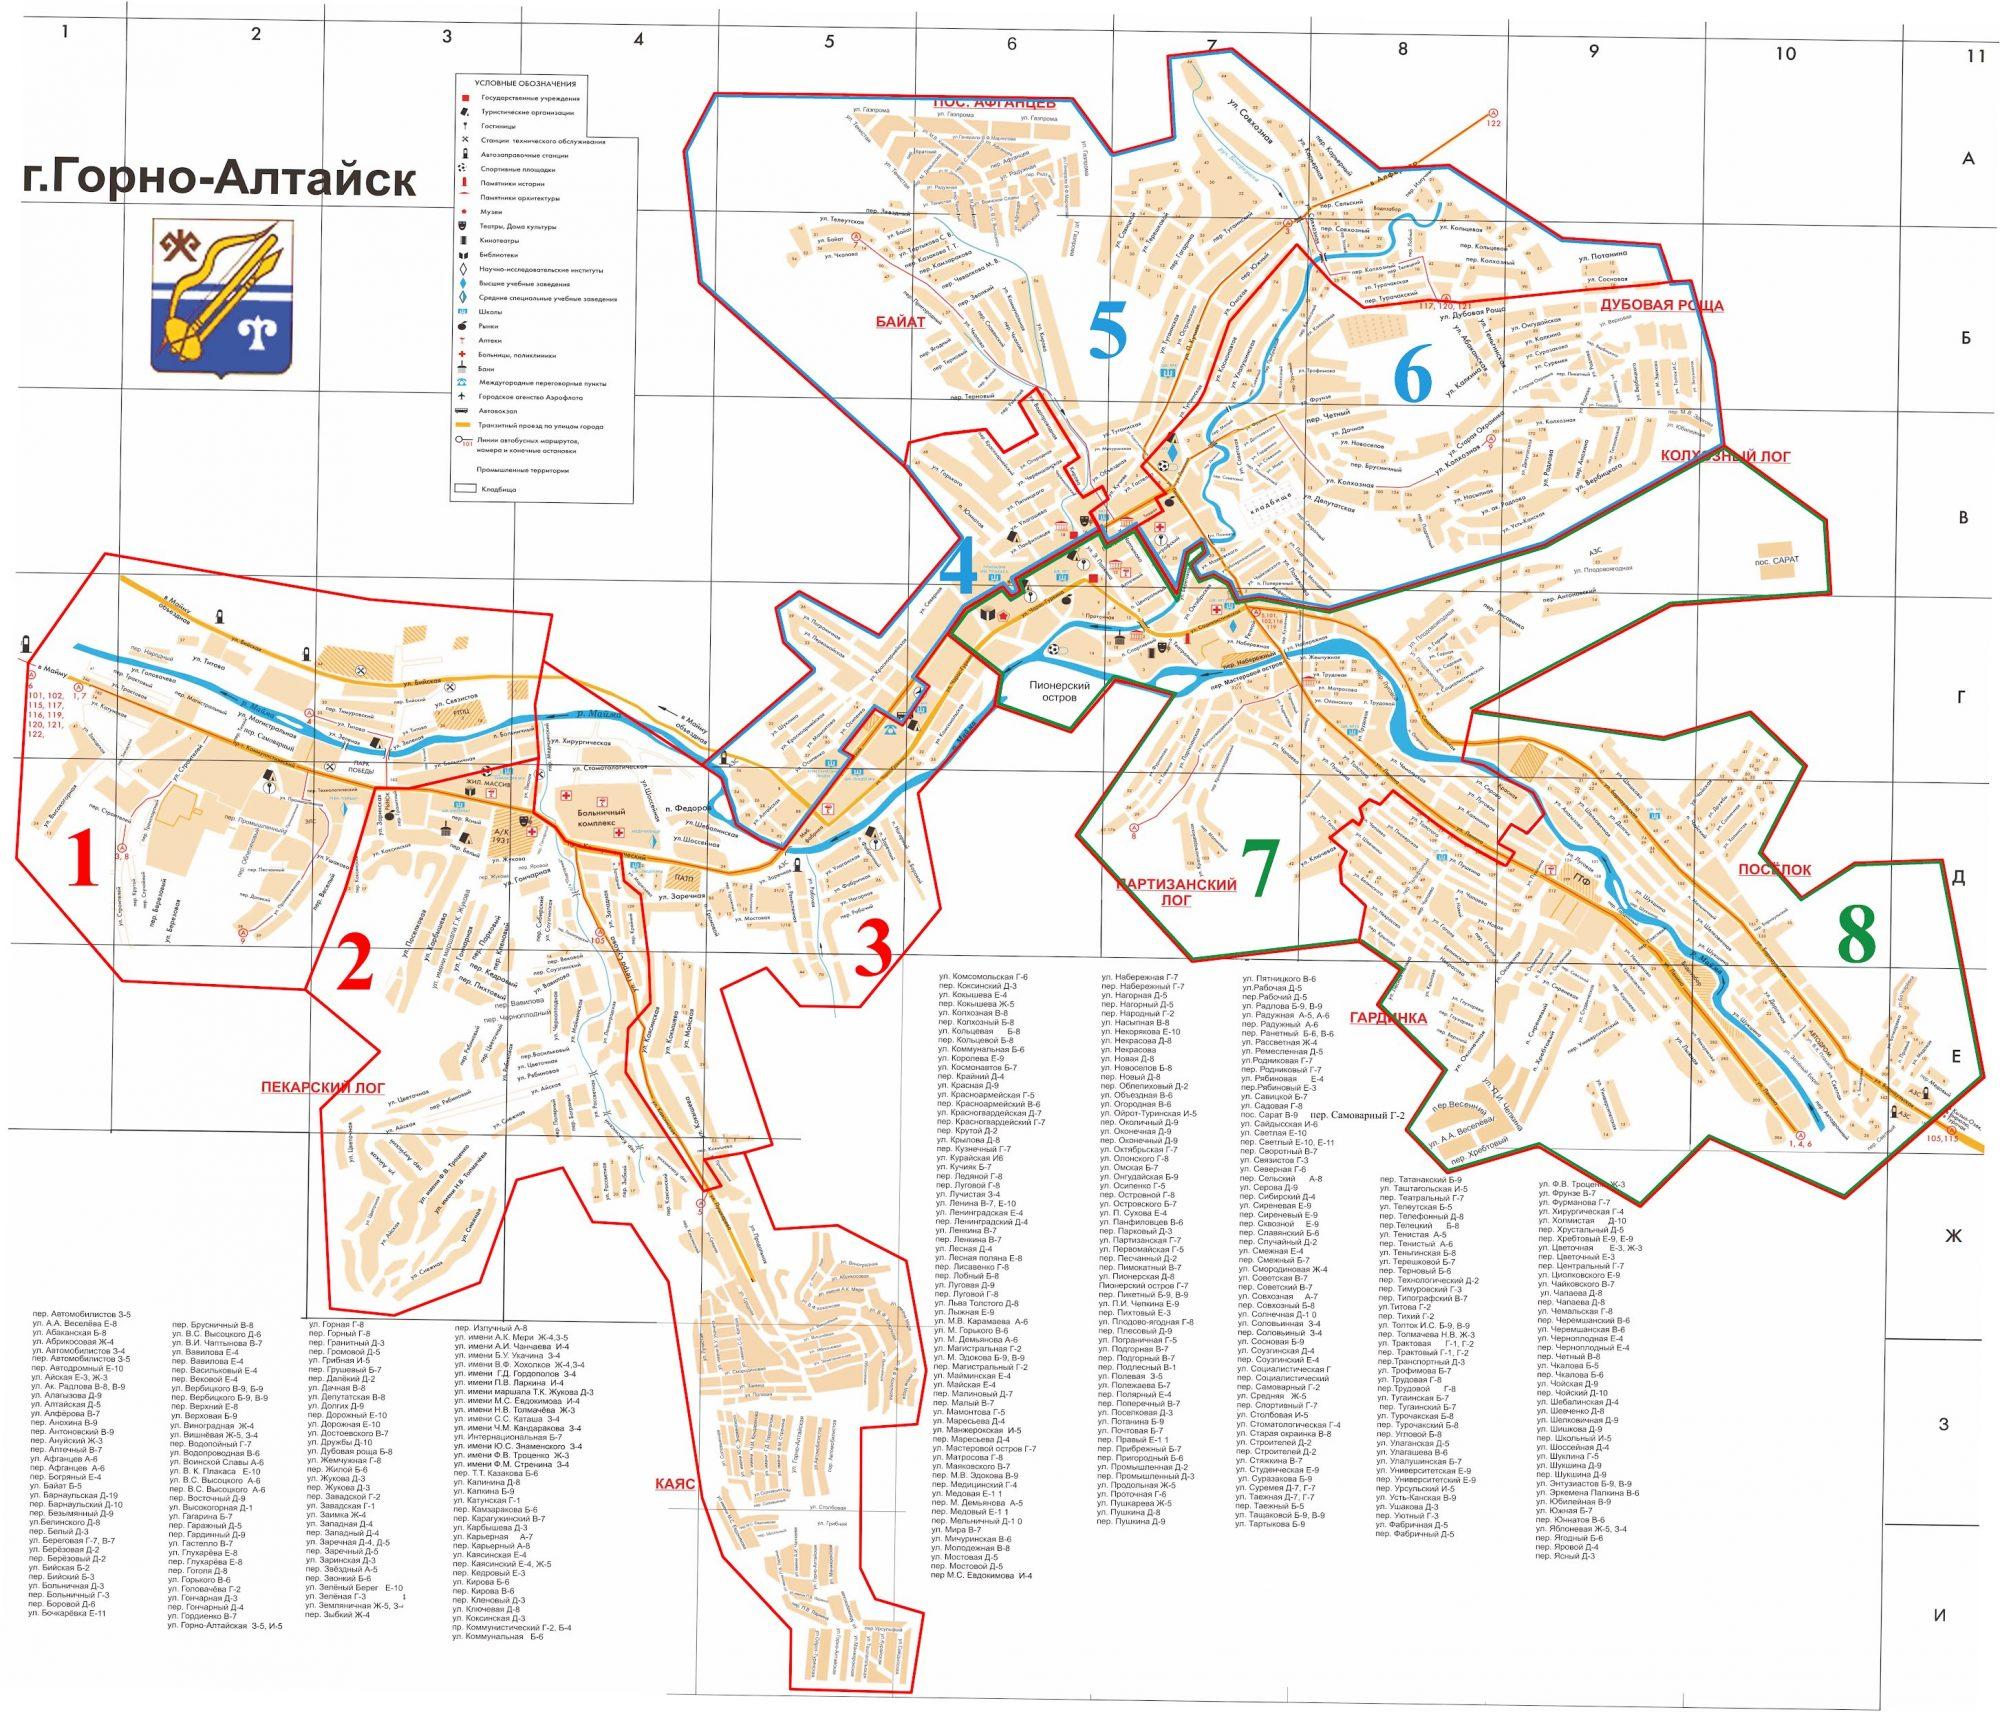 Избирком подготовил предложения по новым границам избирательных округов